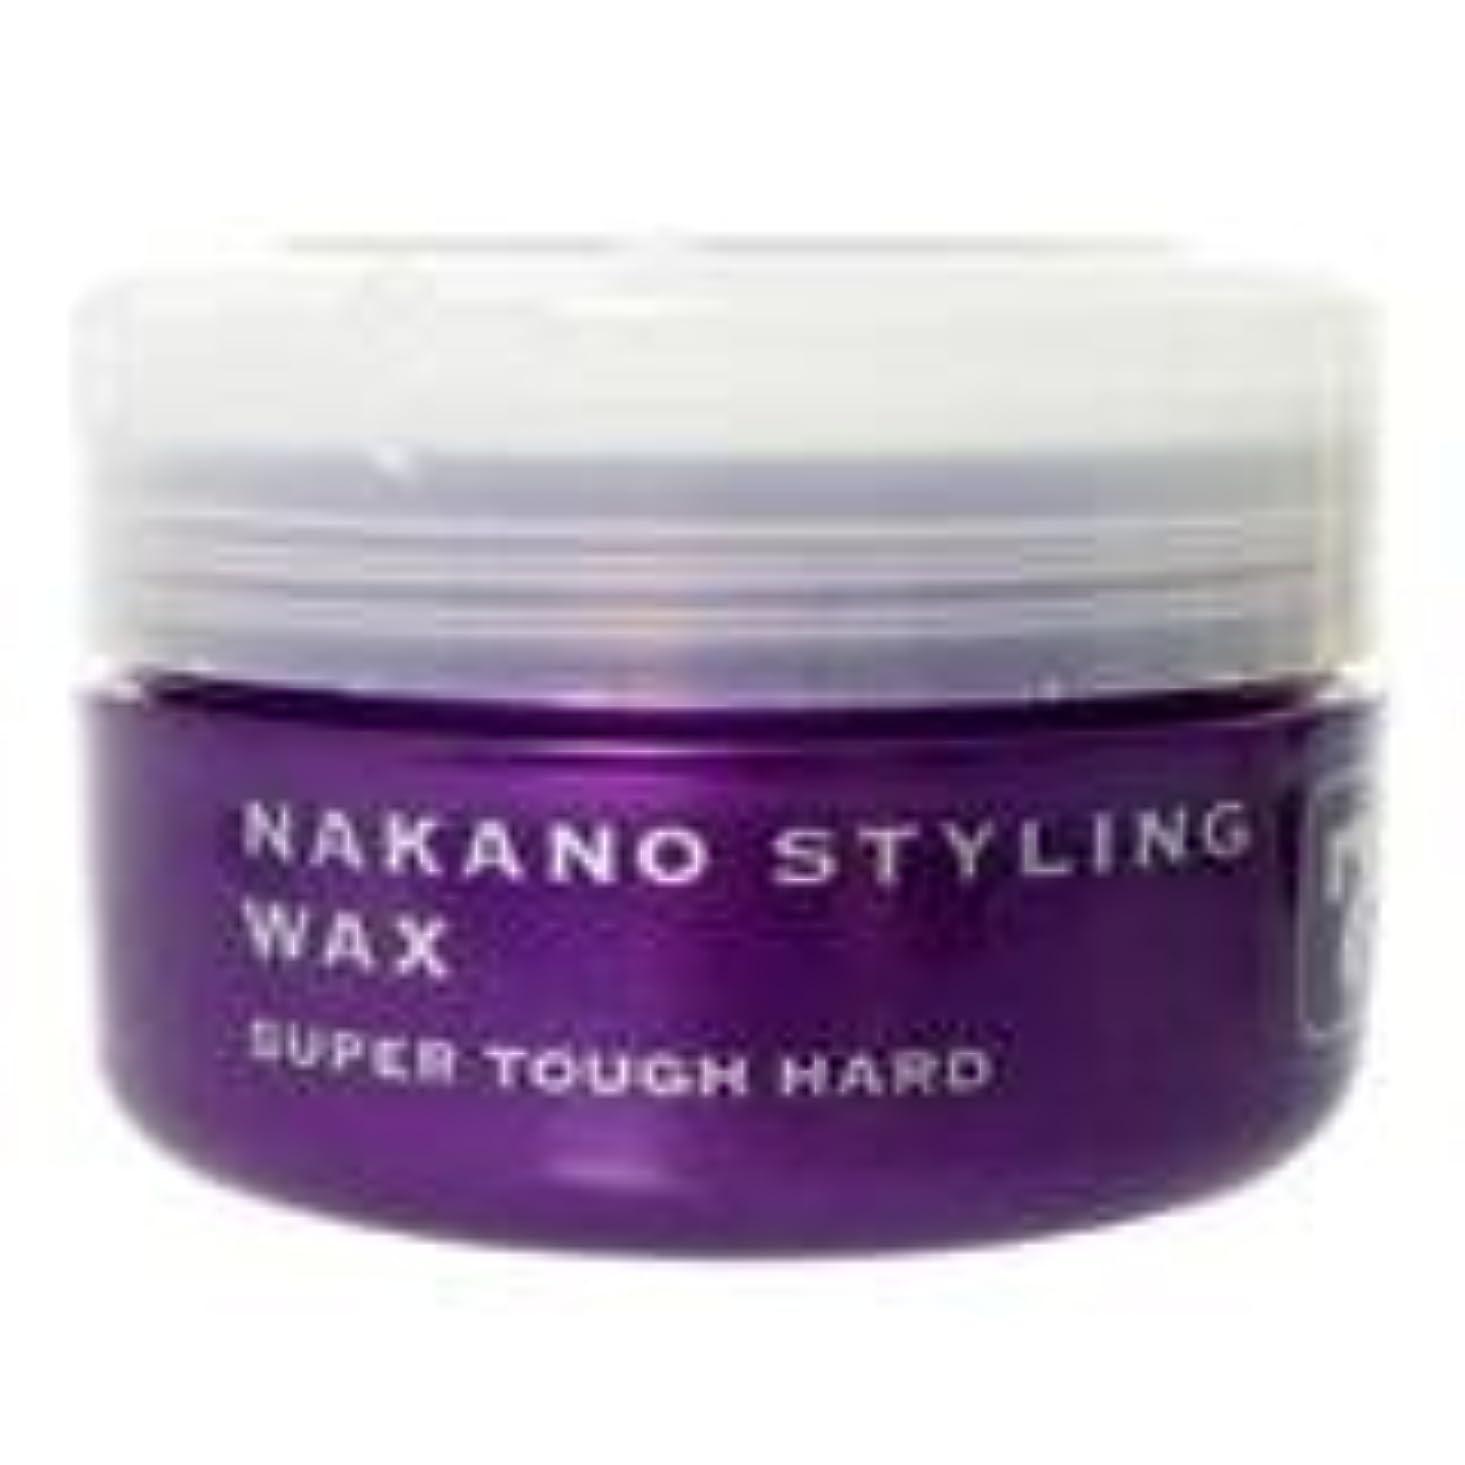 曖昧な忠誠支援するナカノ スタイリングワックス 7 スーパータフハード 90g 中野製薬 NAKANO